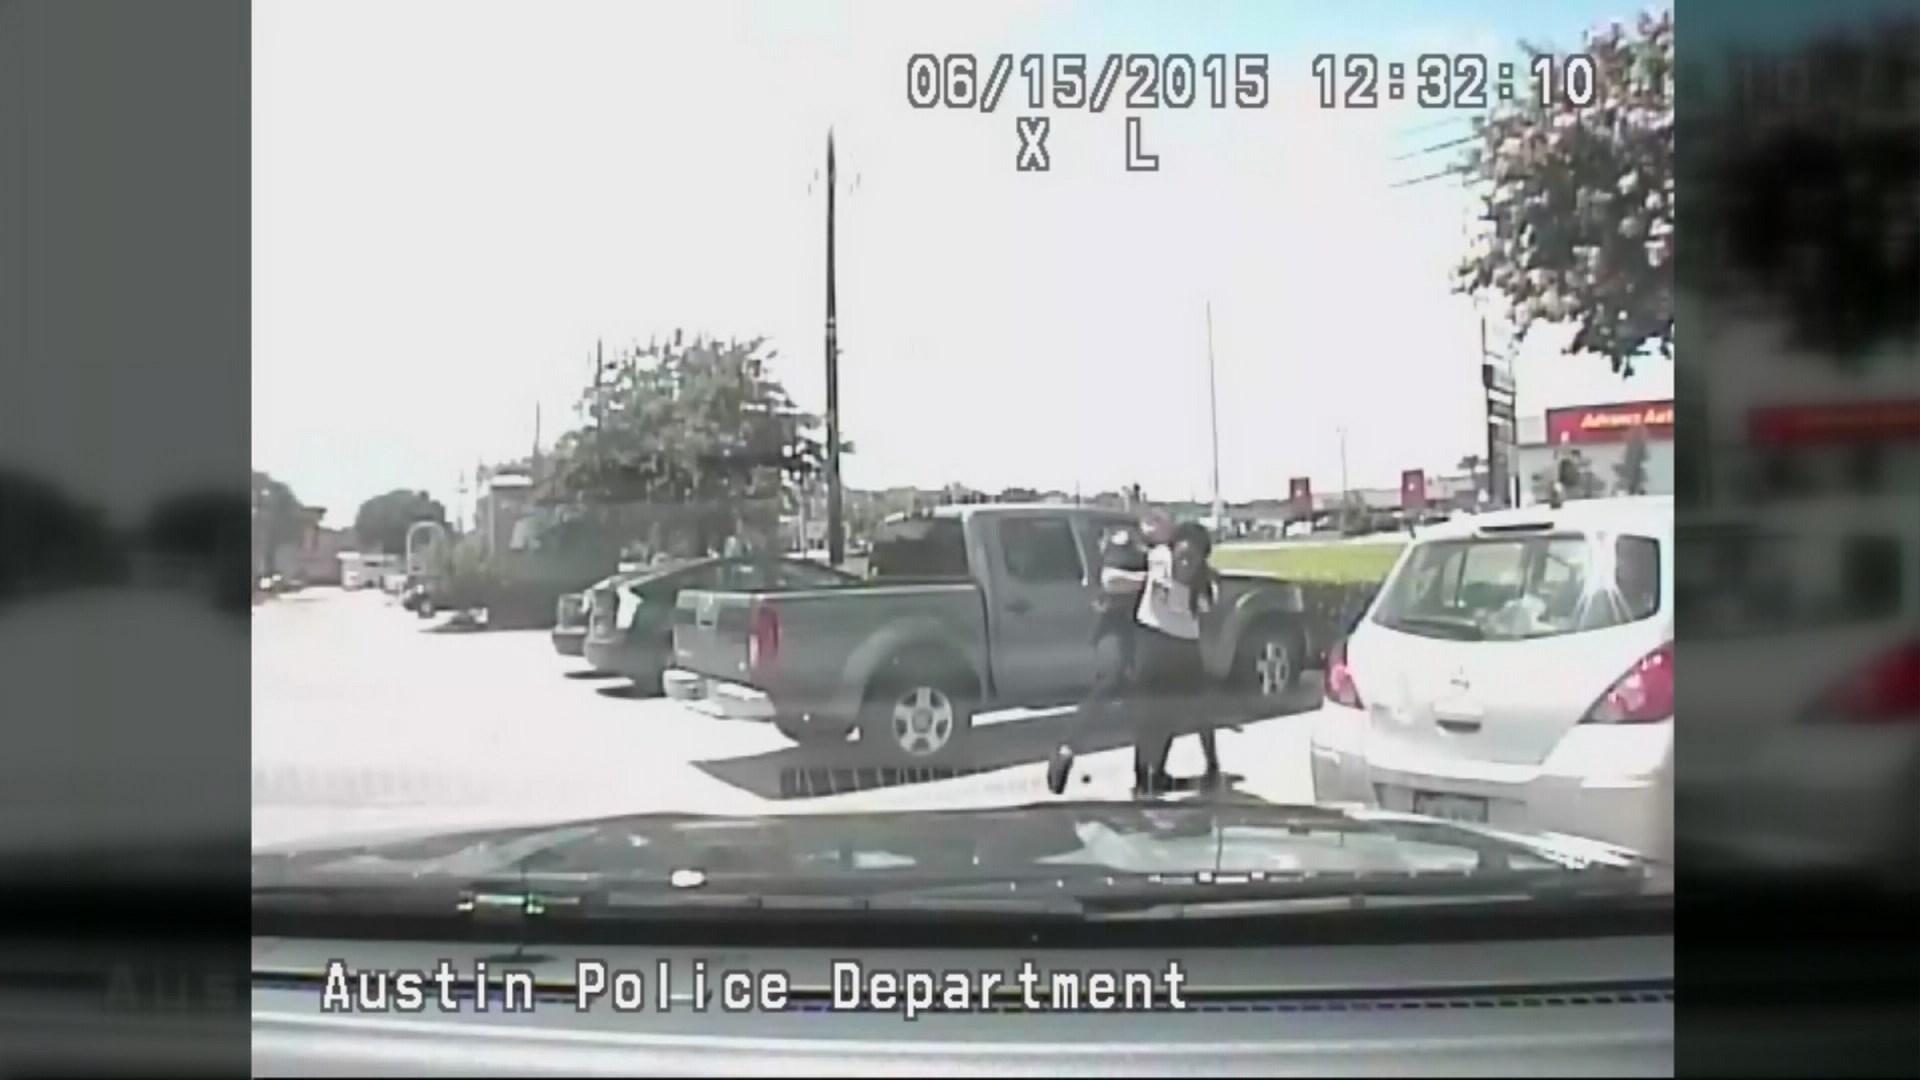 Lawsuit filed over woman's violent 2015 arrest